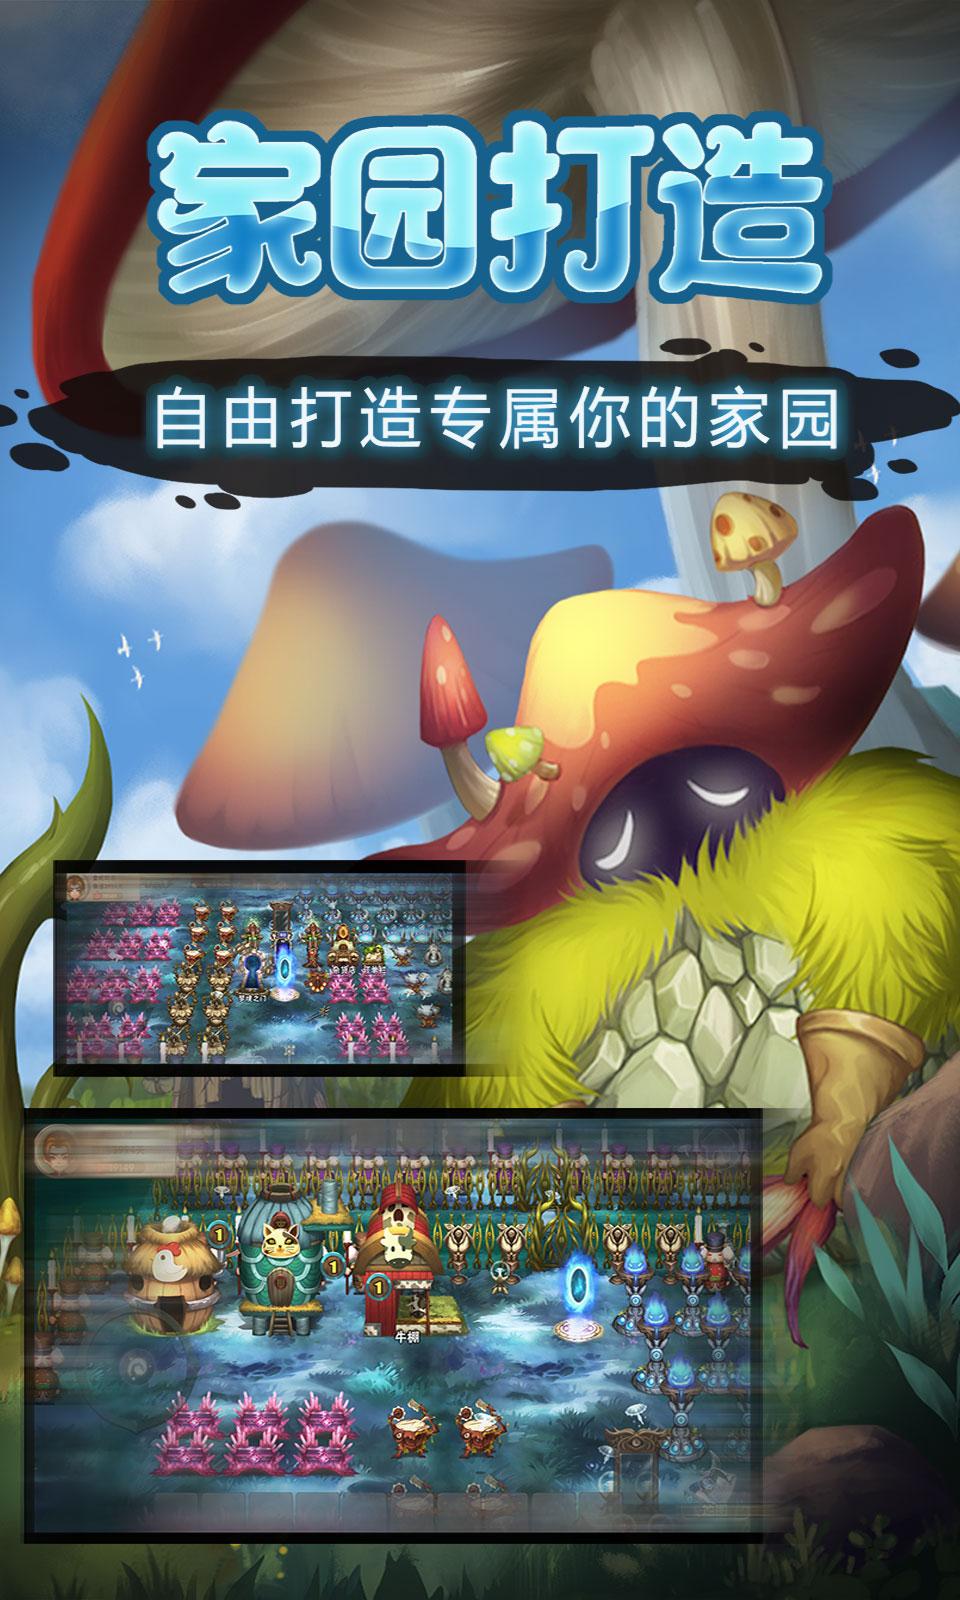 灵魂岛(饥荒类生存游戏)